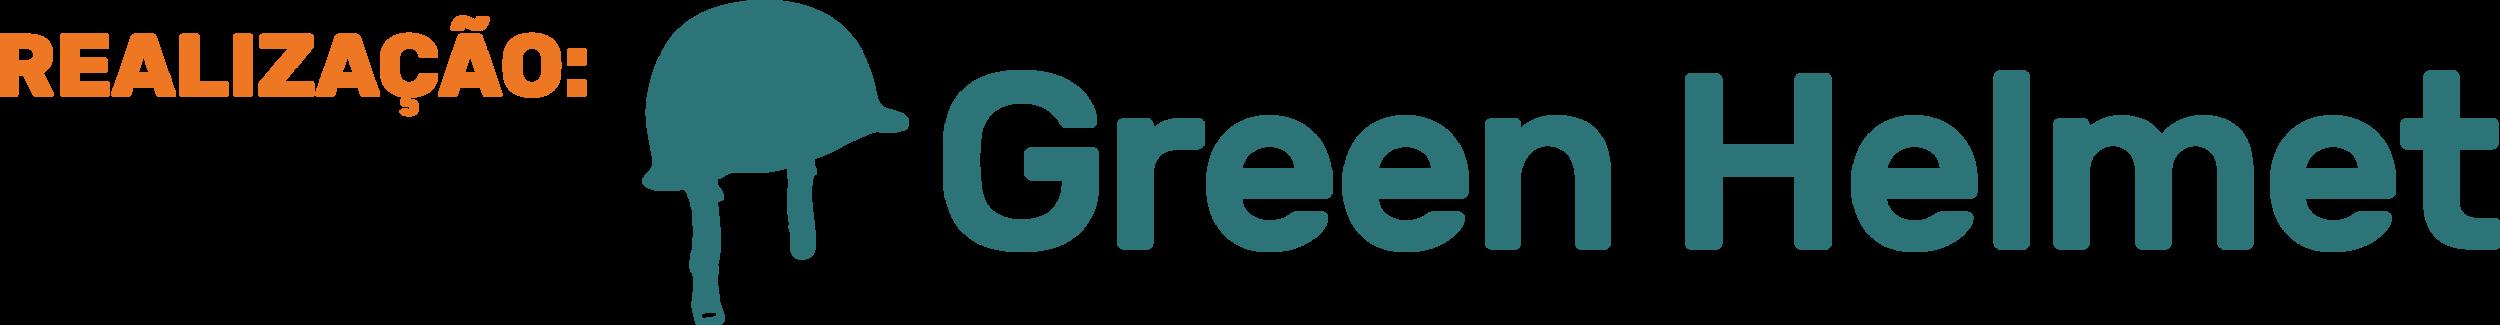 realização-GreenHelmet.png